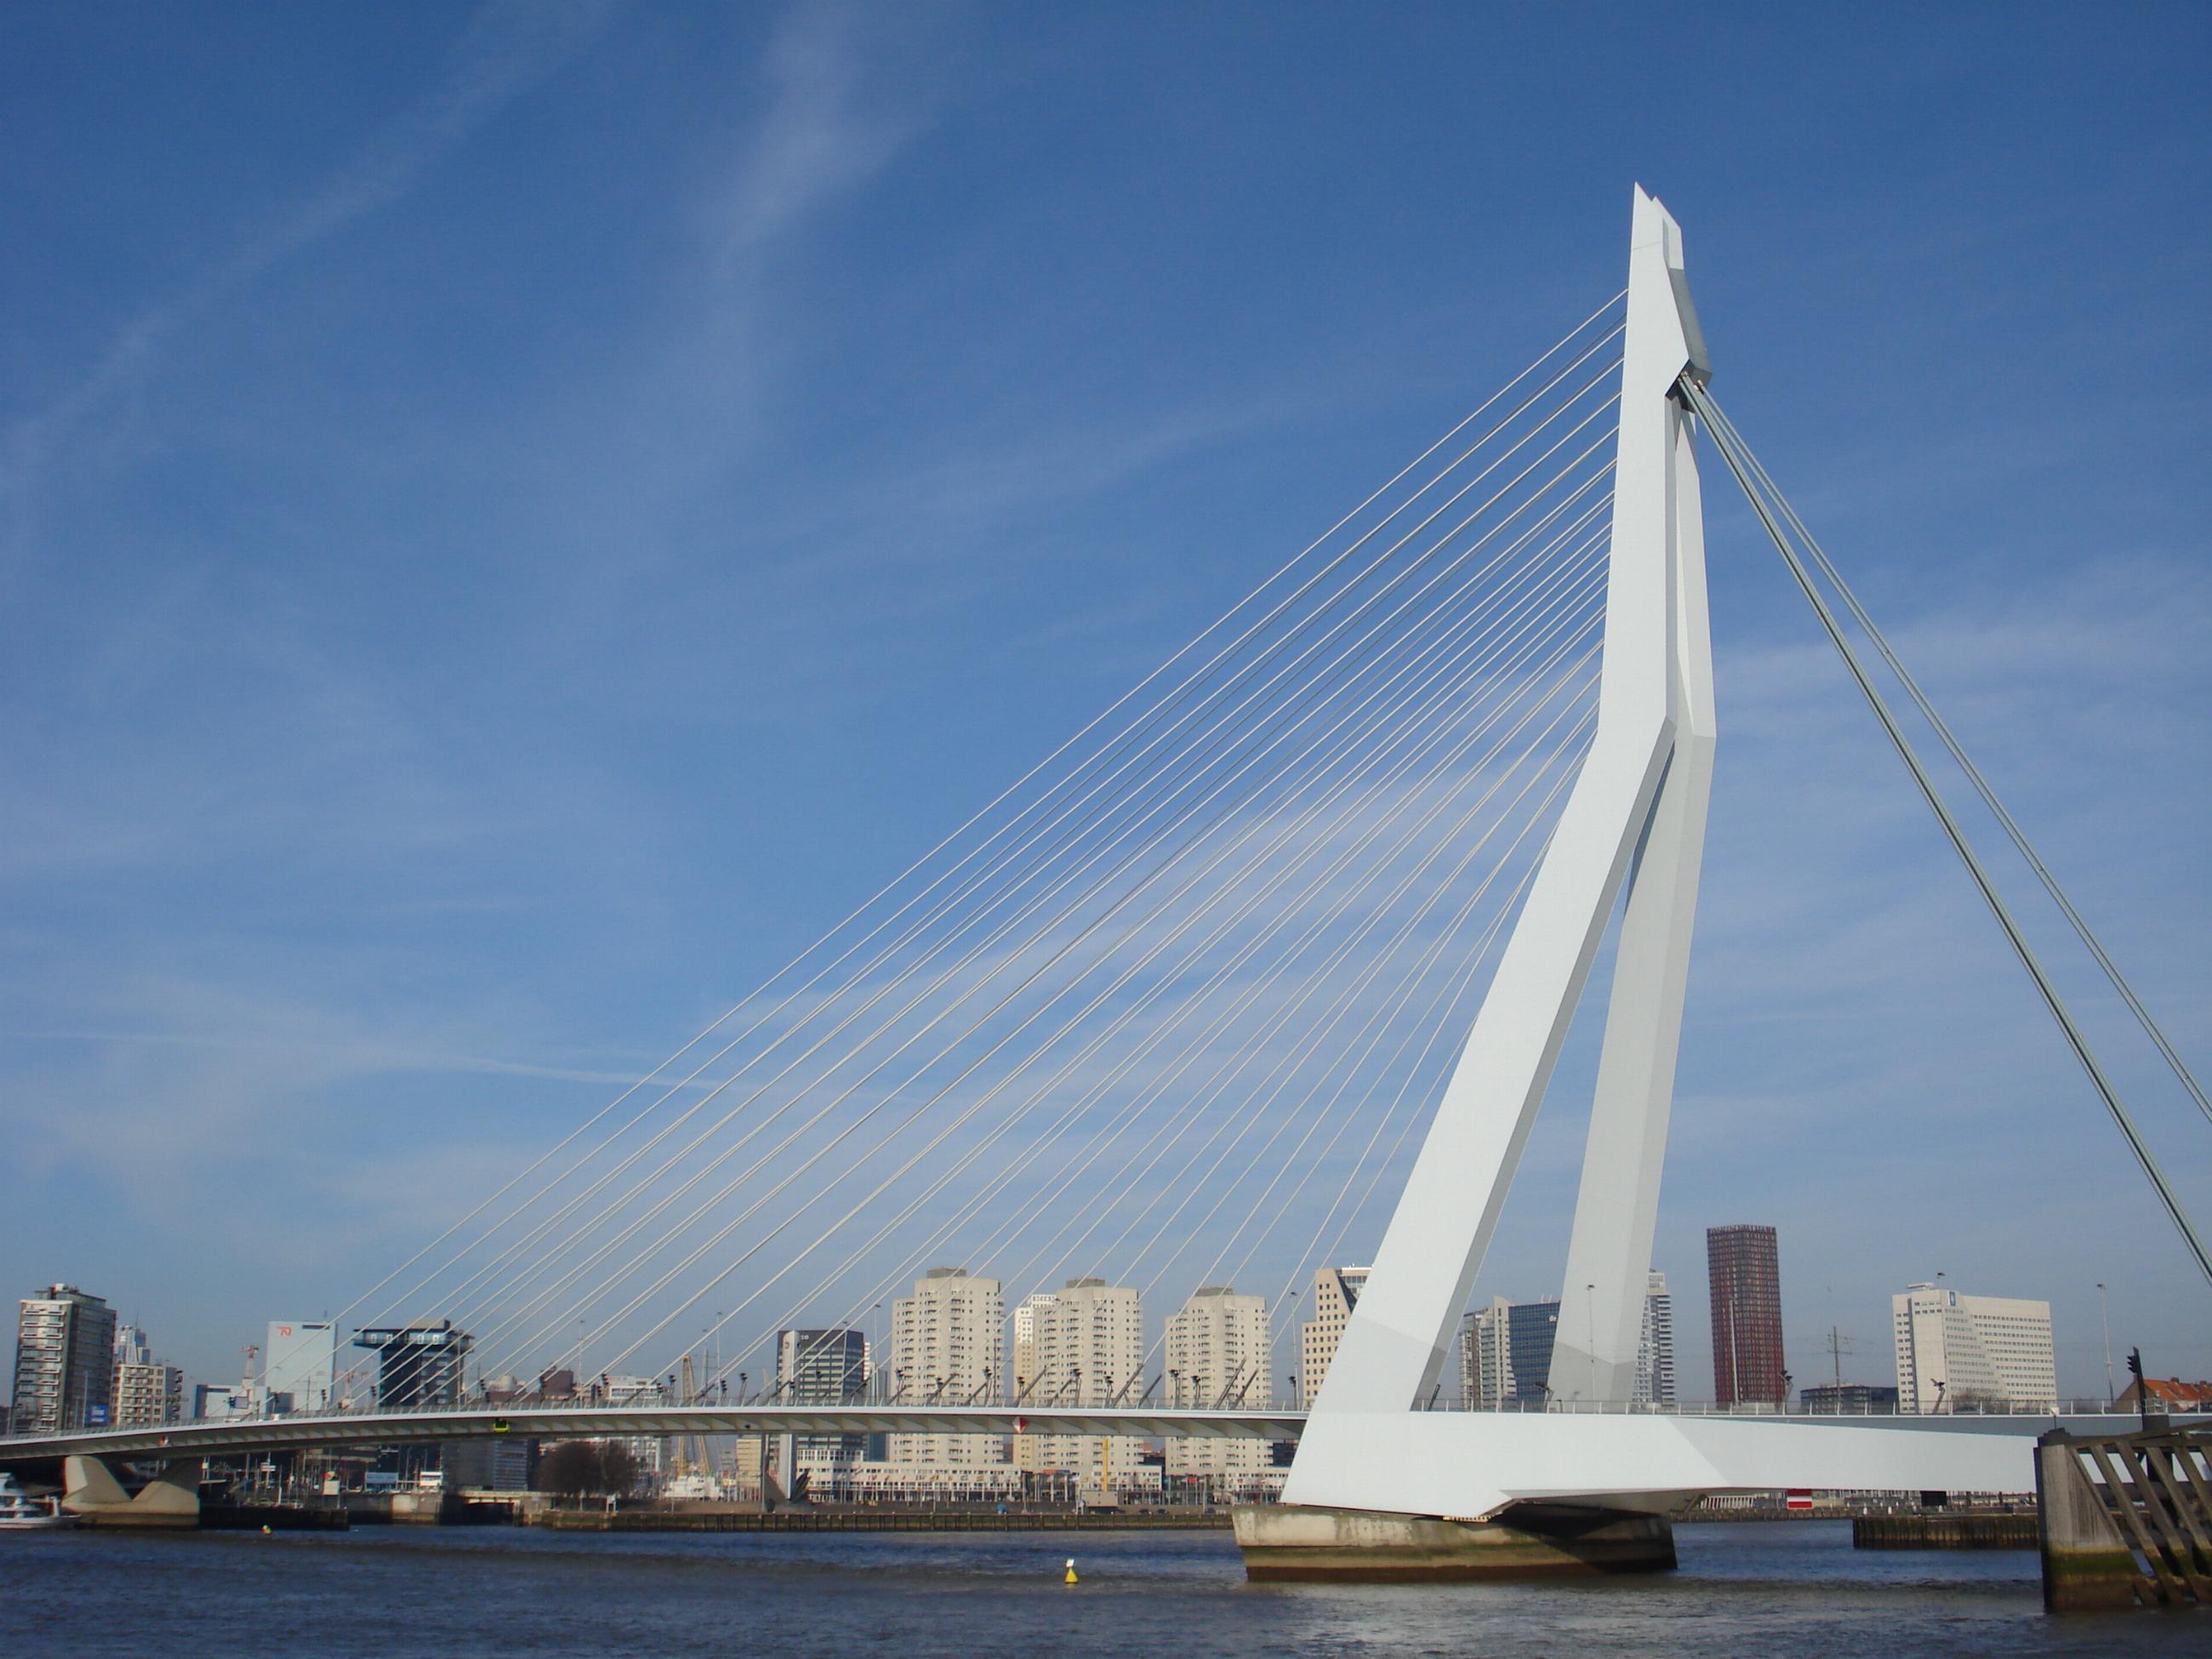 Bestand Rotterdam Erasmusbrug Jpg Wikipedia